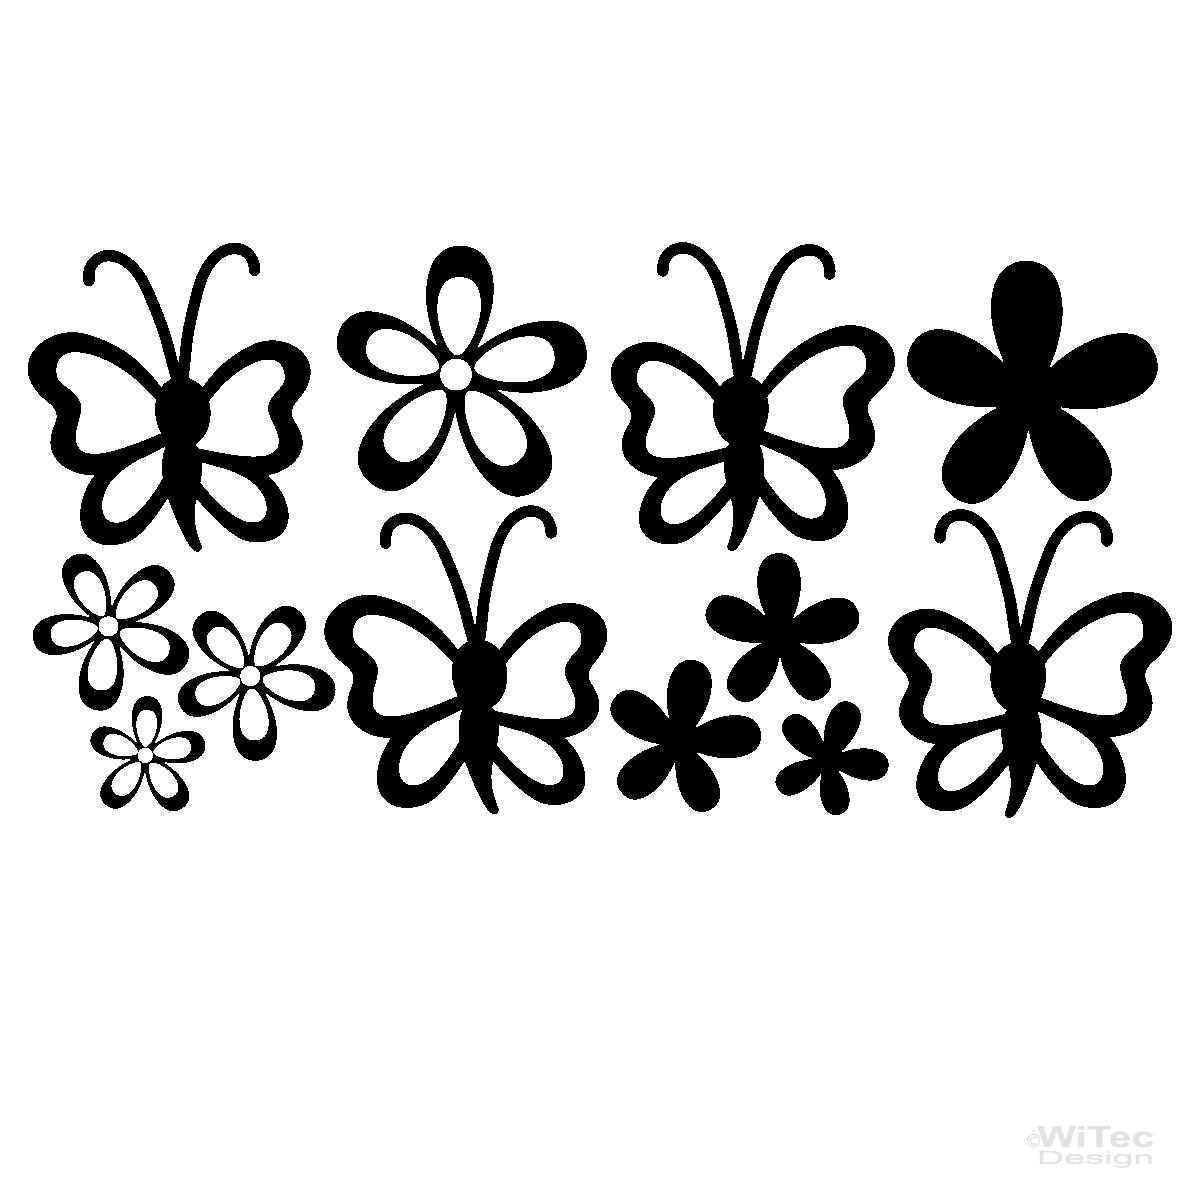 Wandtattoo Blumen Kinderzimmer : Wandtattoo Schmetterlinge Blumen Wandaufkleber Kinderzimmer